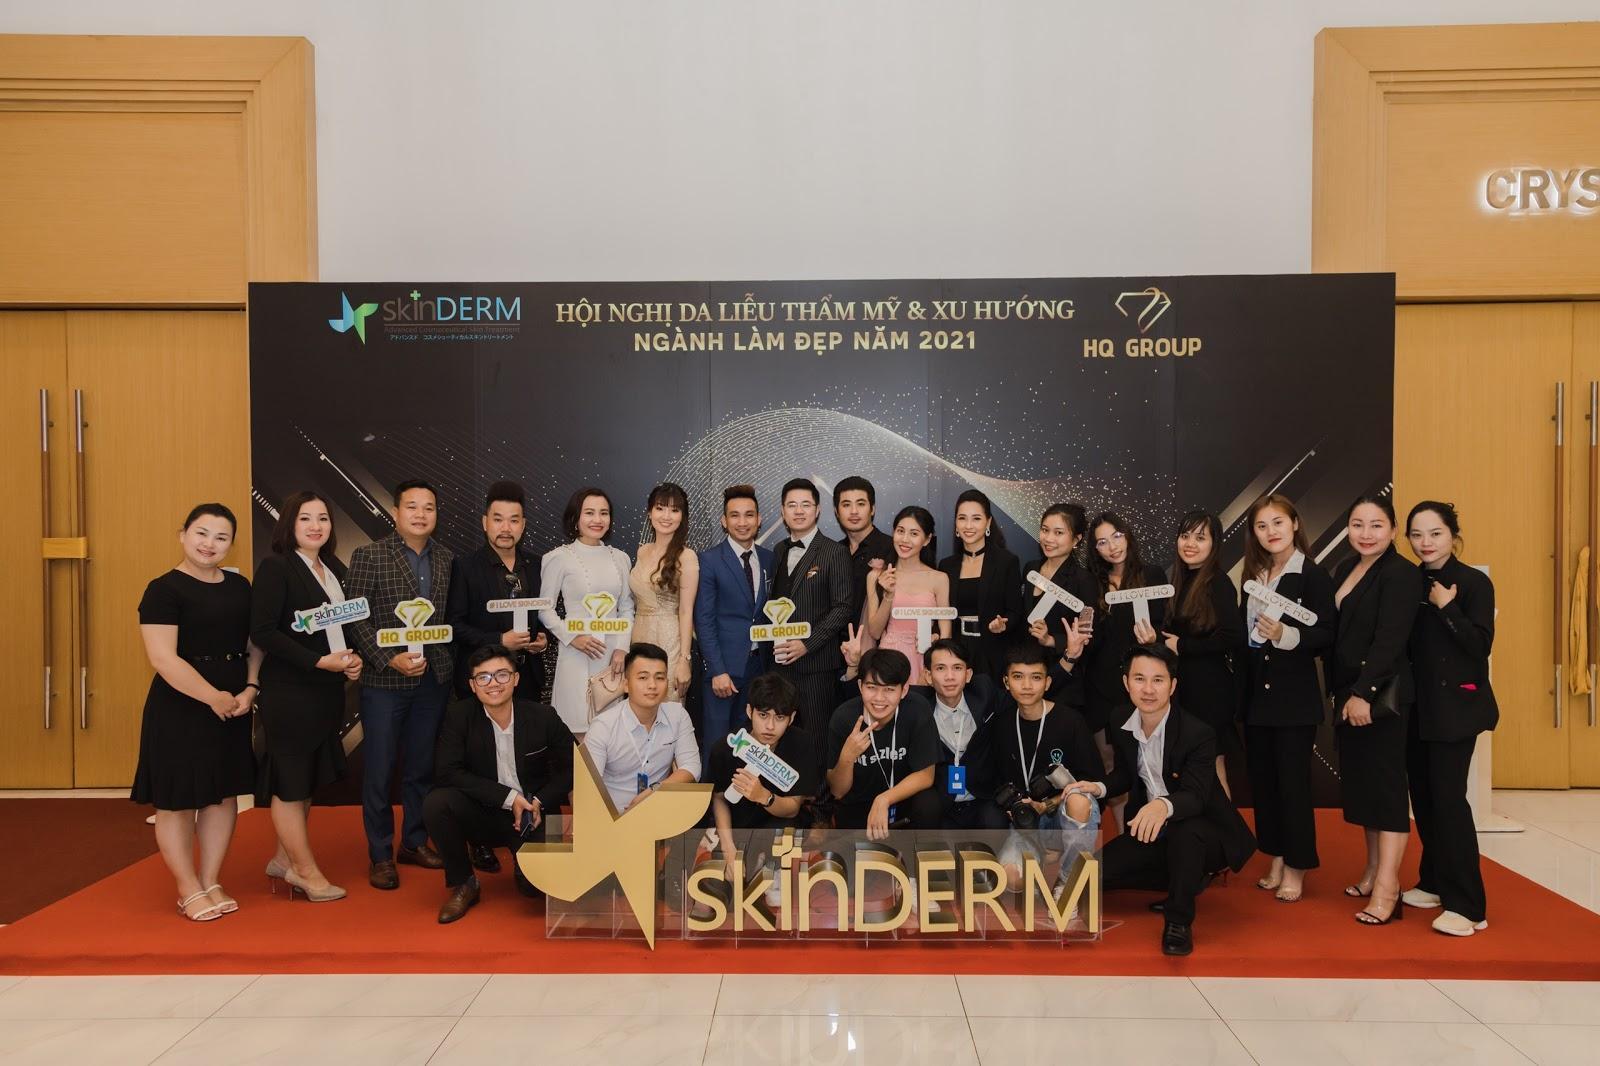 Chủ tịch kiêm Tổng giám đốc tập đoàn HQ Group Trần Hùng - diễn giả tài năng tại Hội nghị sức khỏe sắc đẹp toàn diện và xu hướng ngành làm đẹp 2021 - Ảnh 4